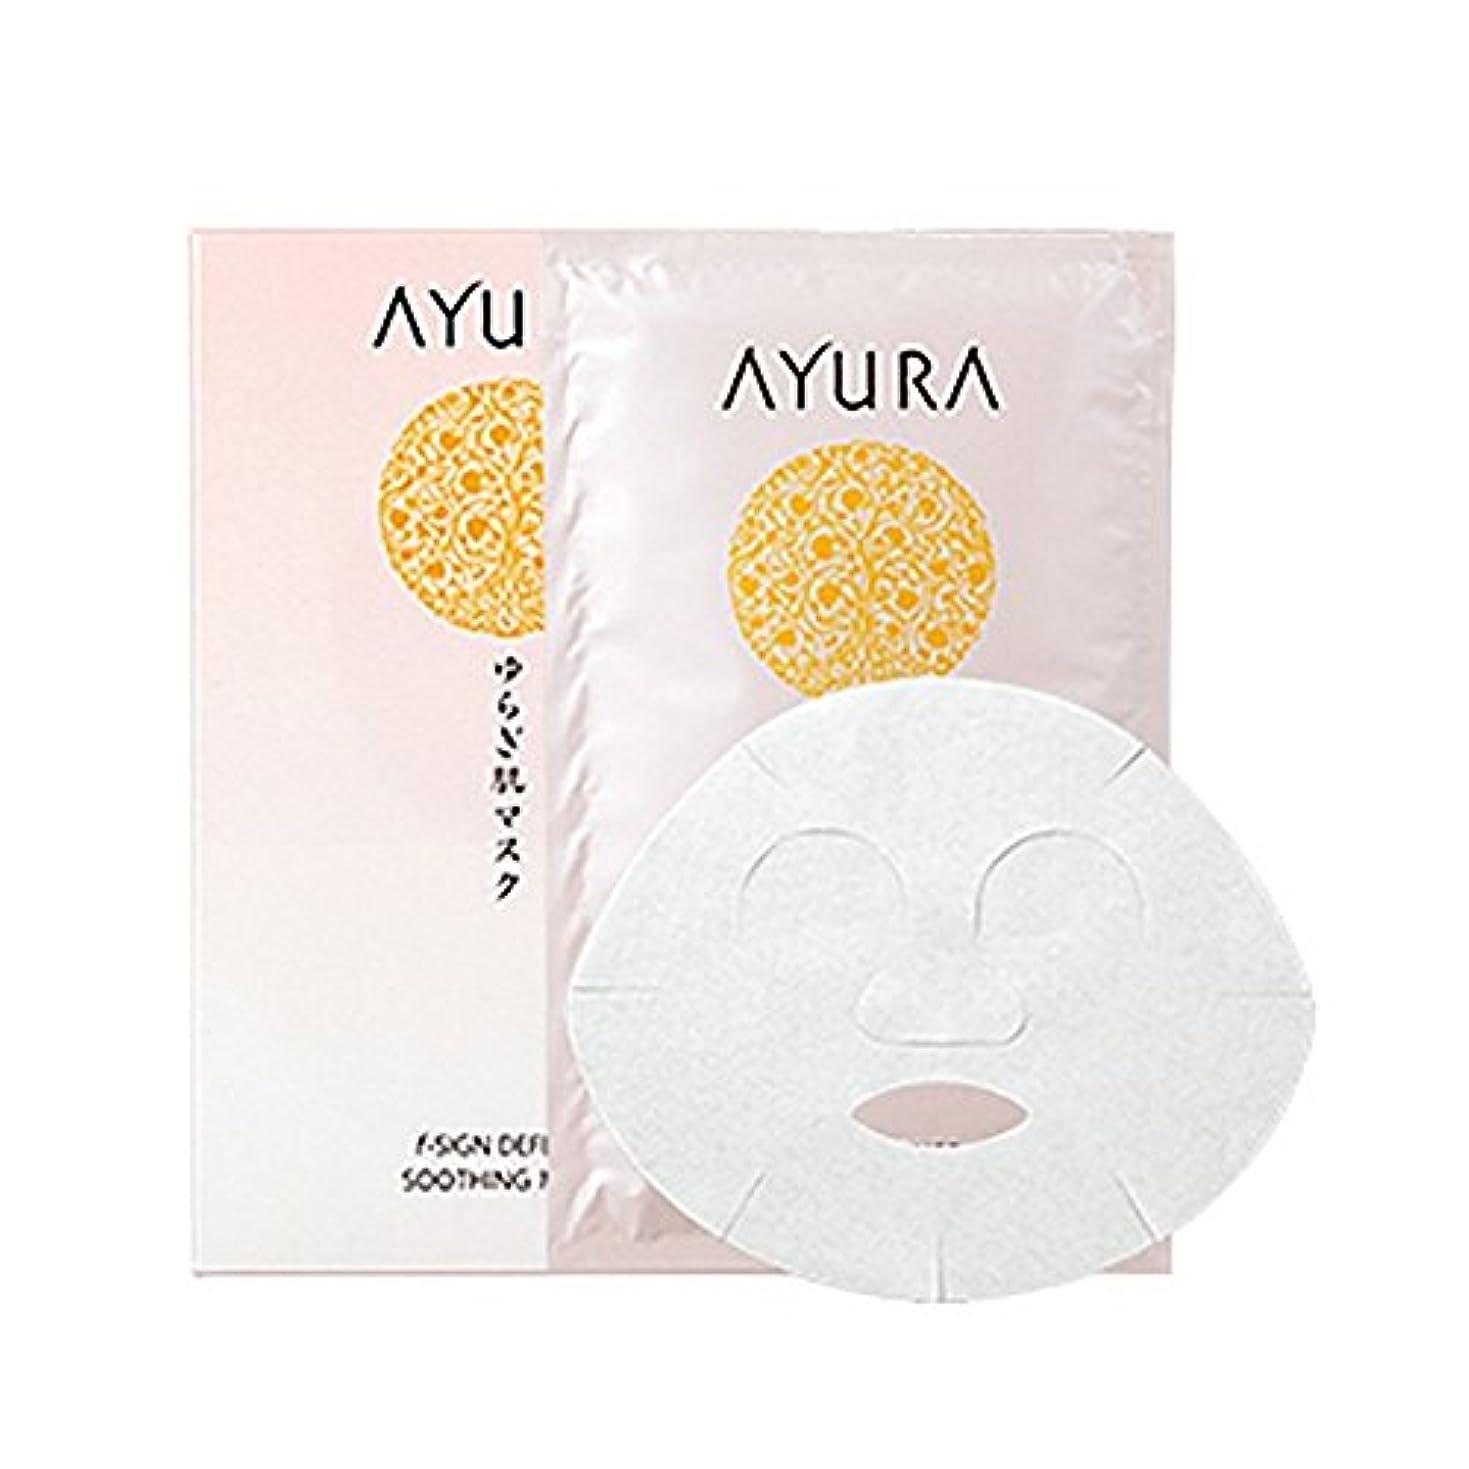 苦行母性コンクリートアユーラ (AYURA) fサインディフェンス スージングマスク 17mL×7枚入 〈ゆらぎ肌 敏感肌用 マスク〉